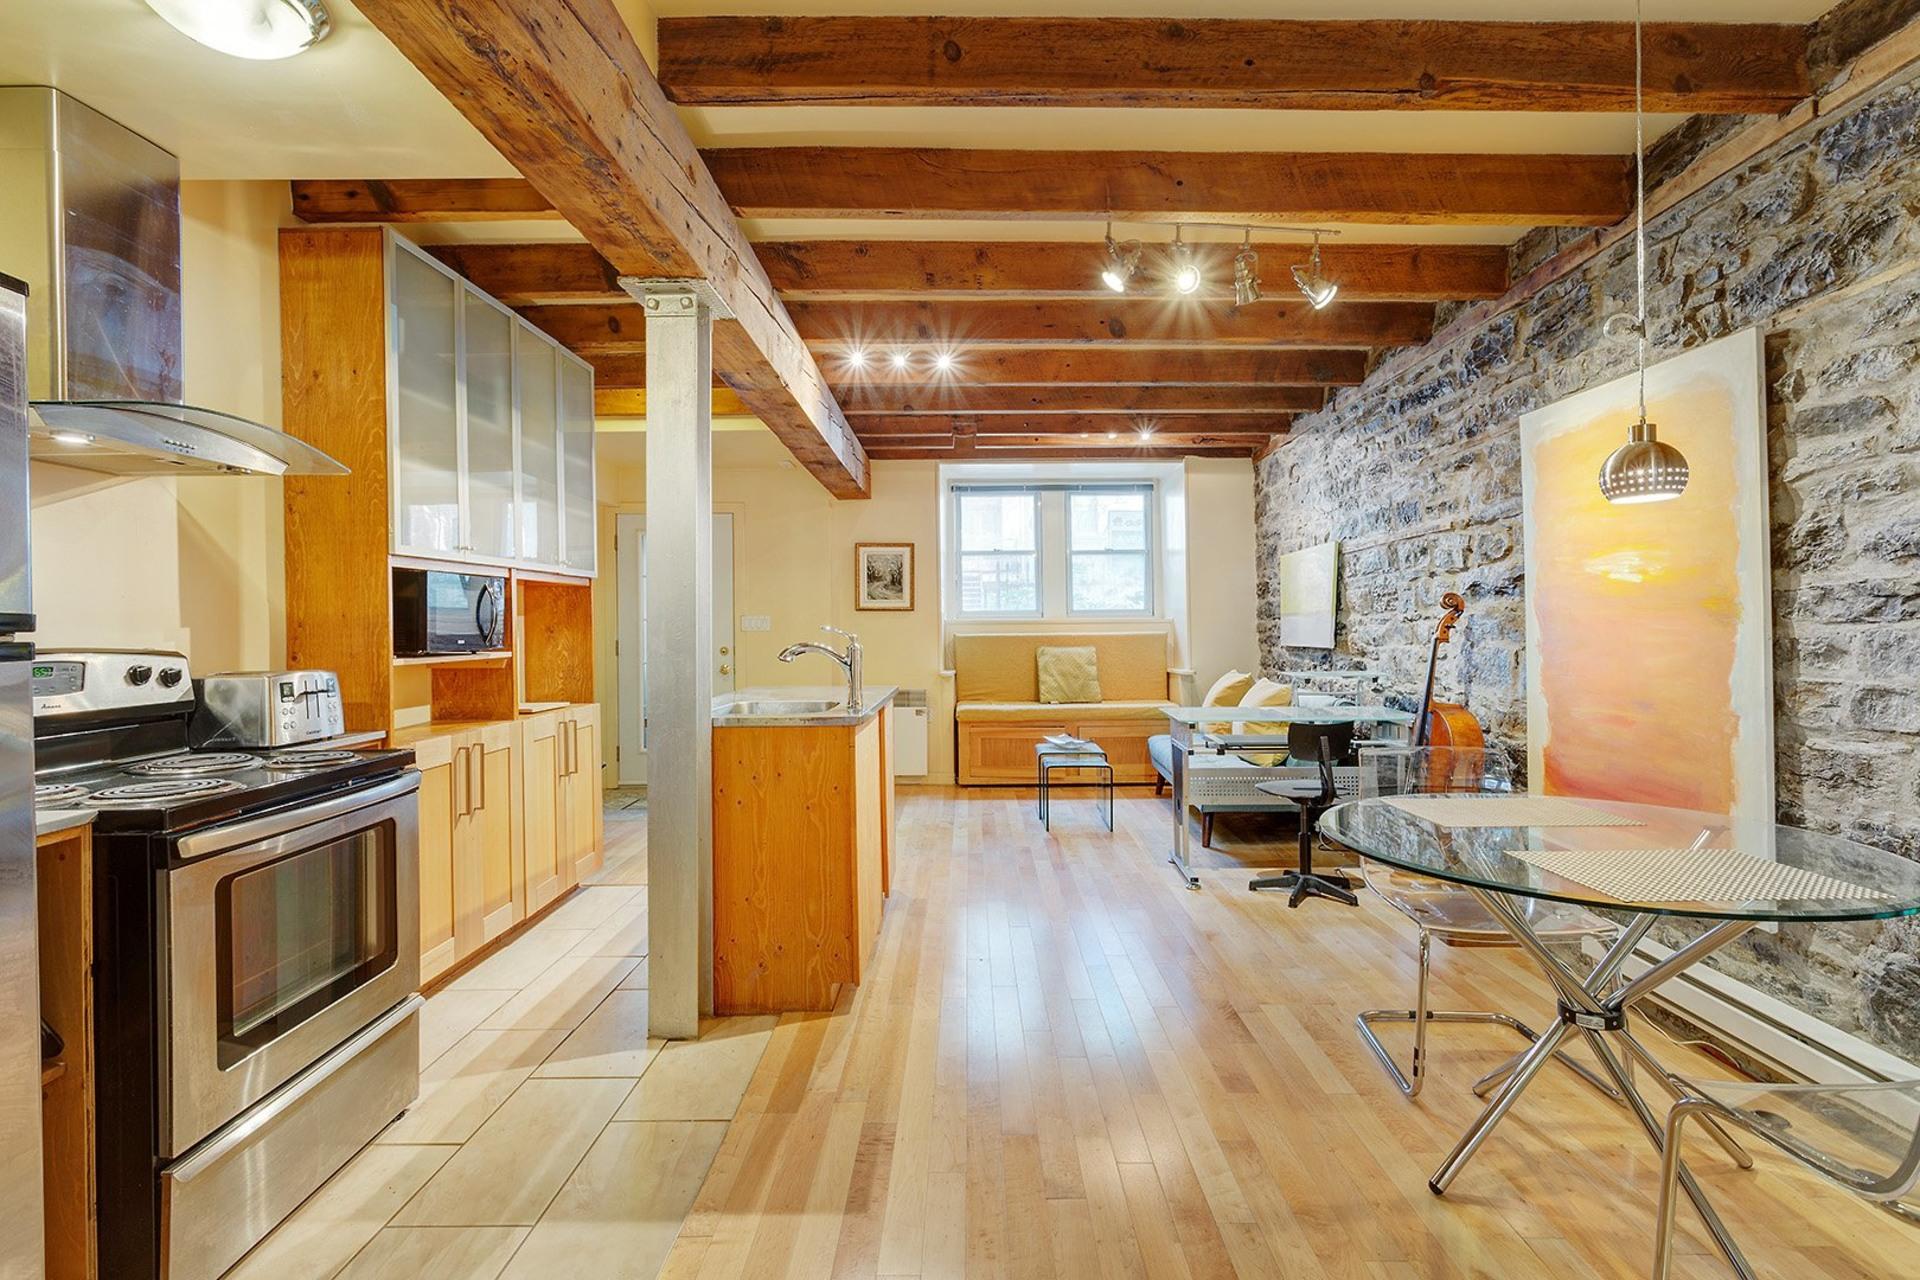 image 29 - Maison À vendre Le Plateau-Mont-Royal Montréal  - 14 pièces